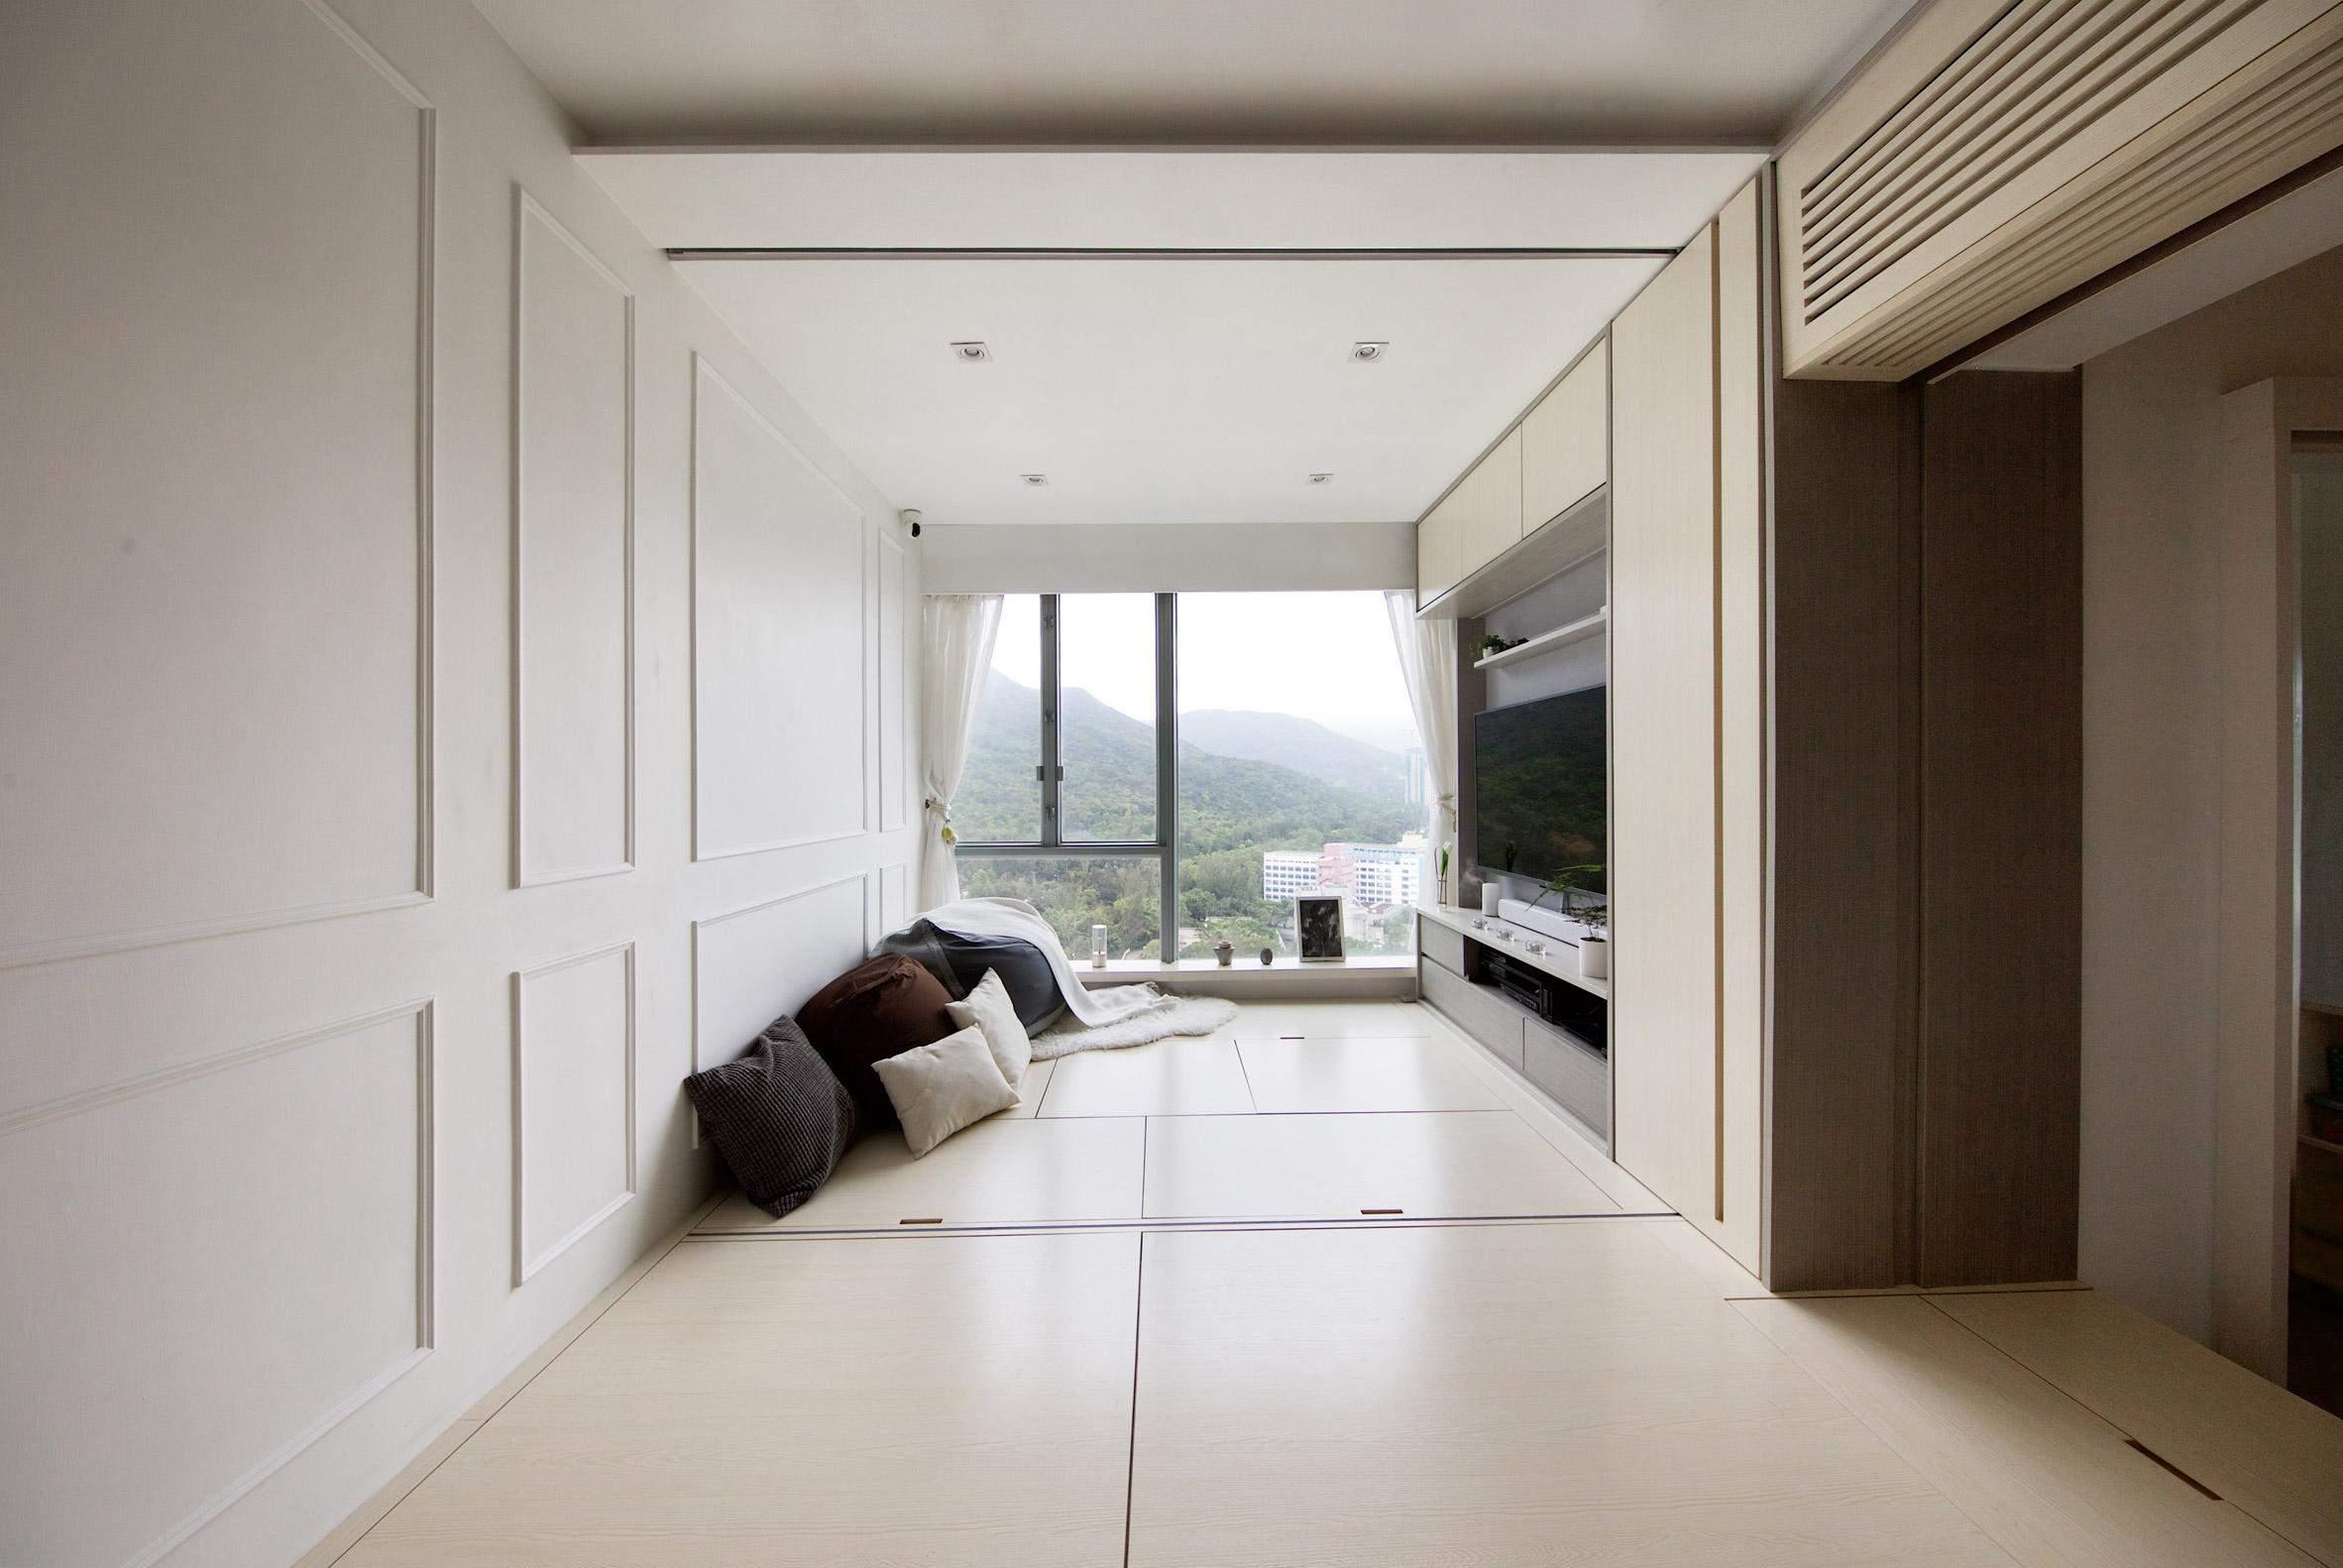 Коли меблі сховані, кімната стає просторою